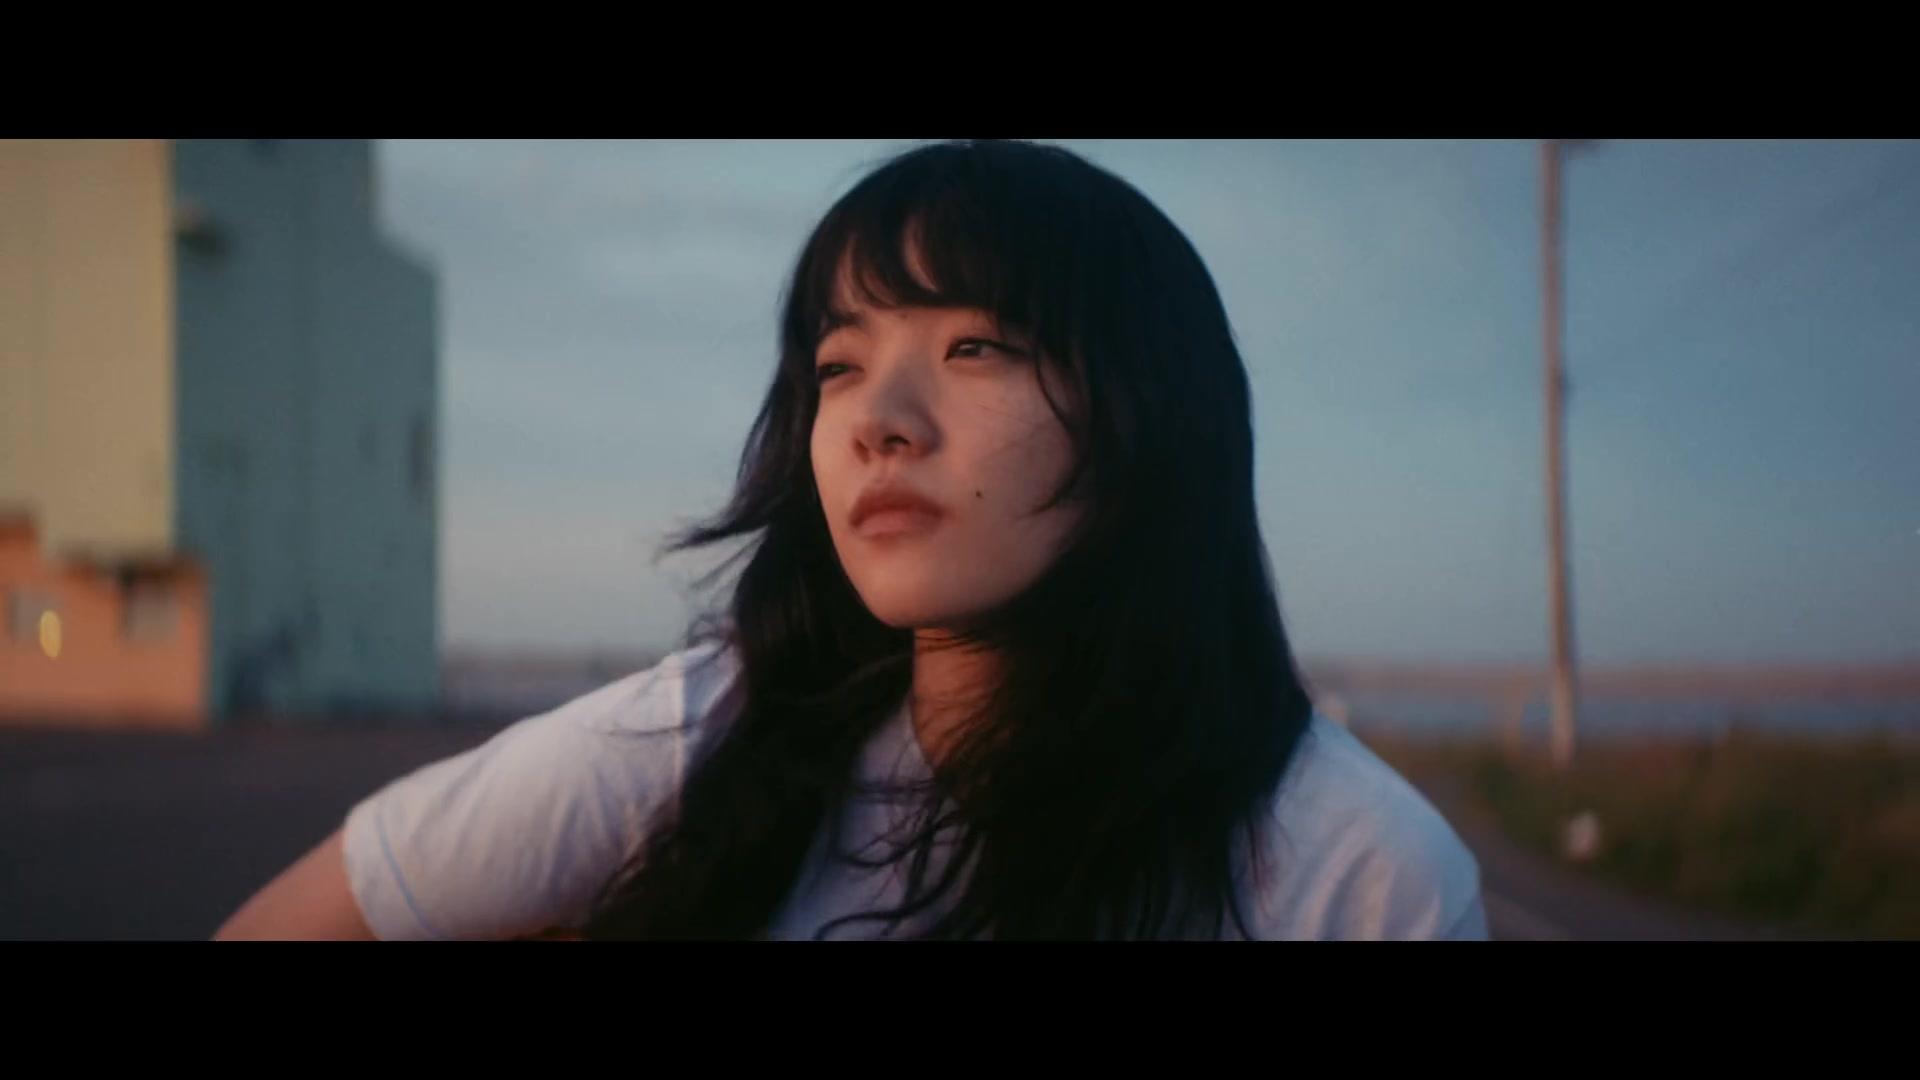 あいみょん 空の青さを知る人よ Official Music Video 哔哩哔哩 つロ 干杯 Bilibili